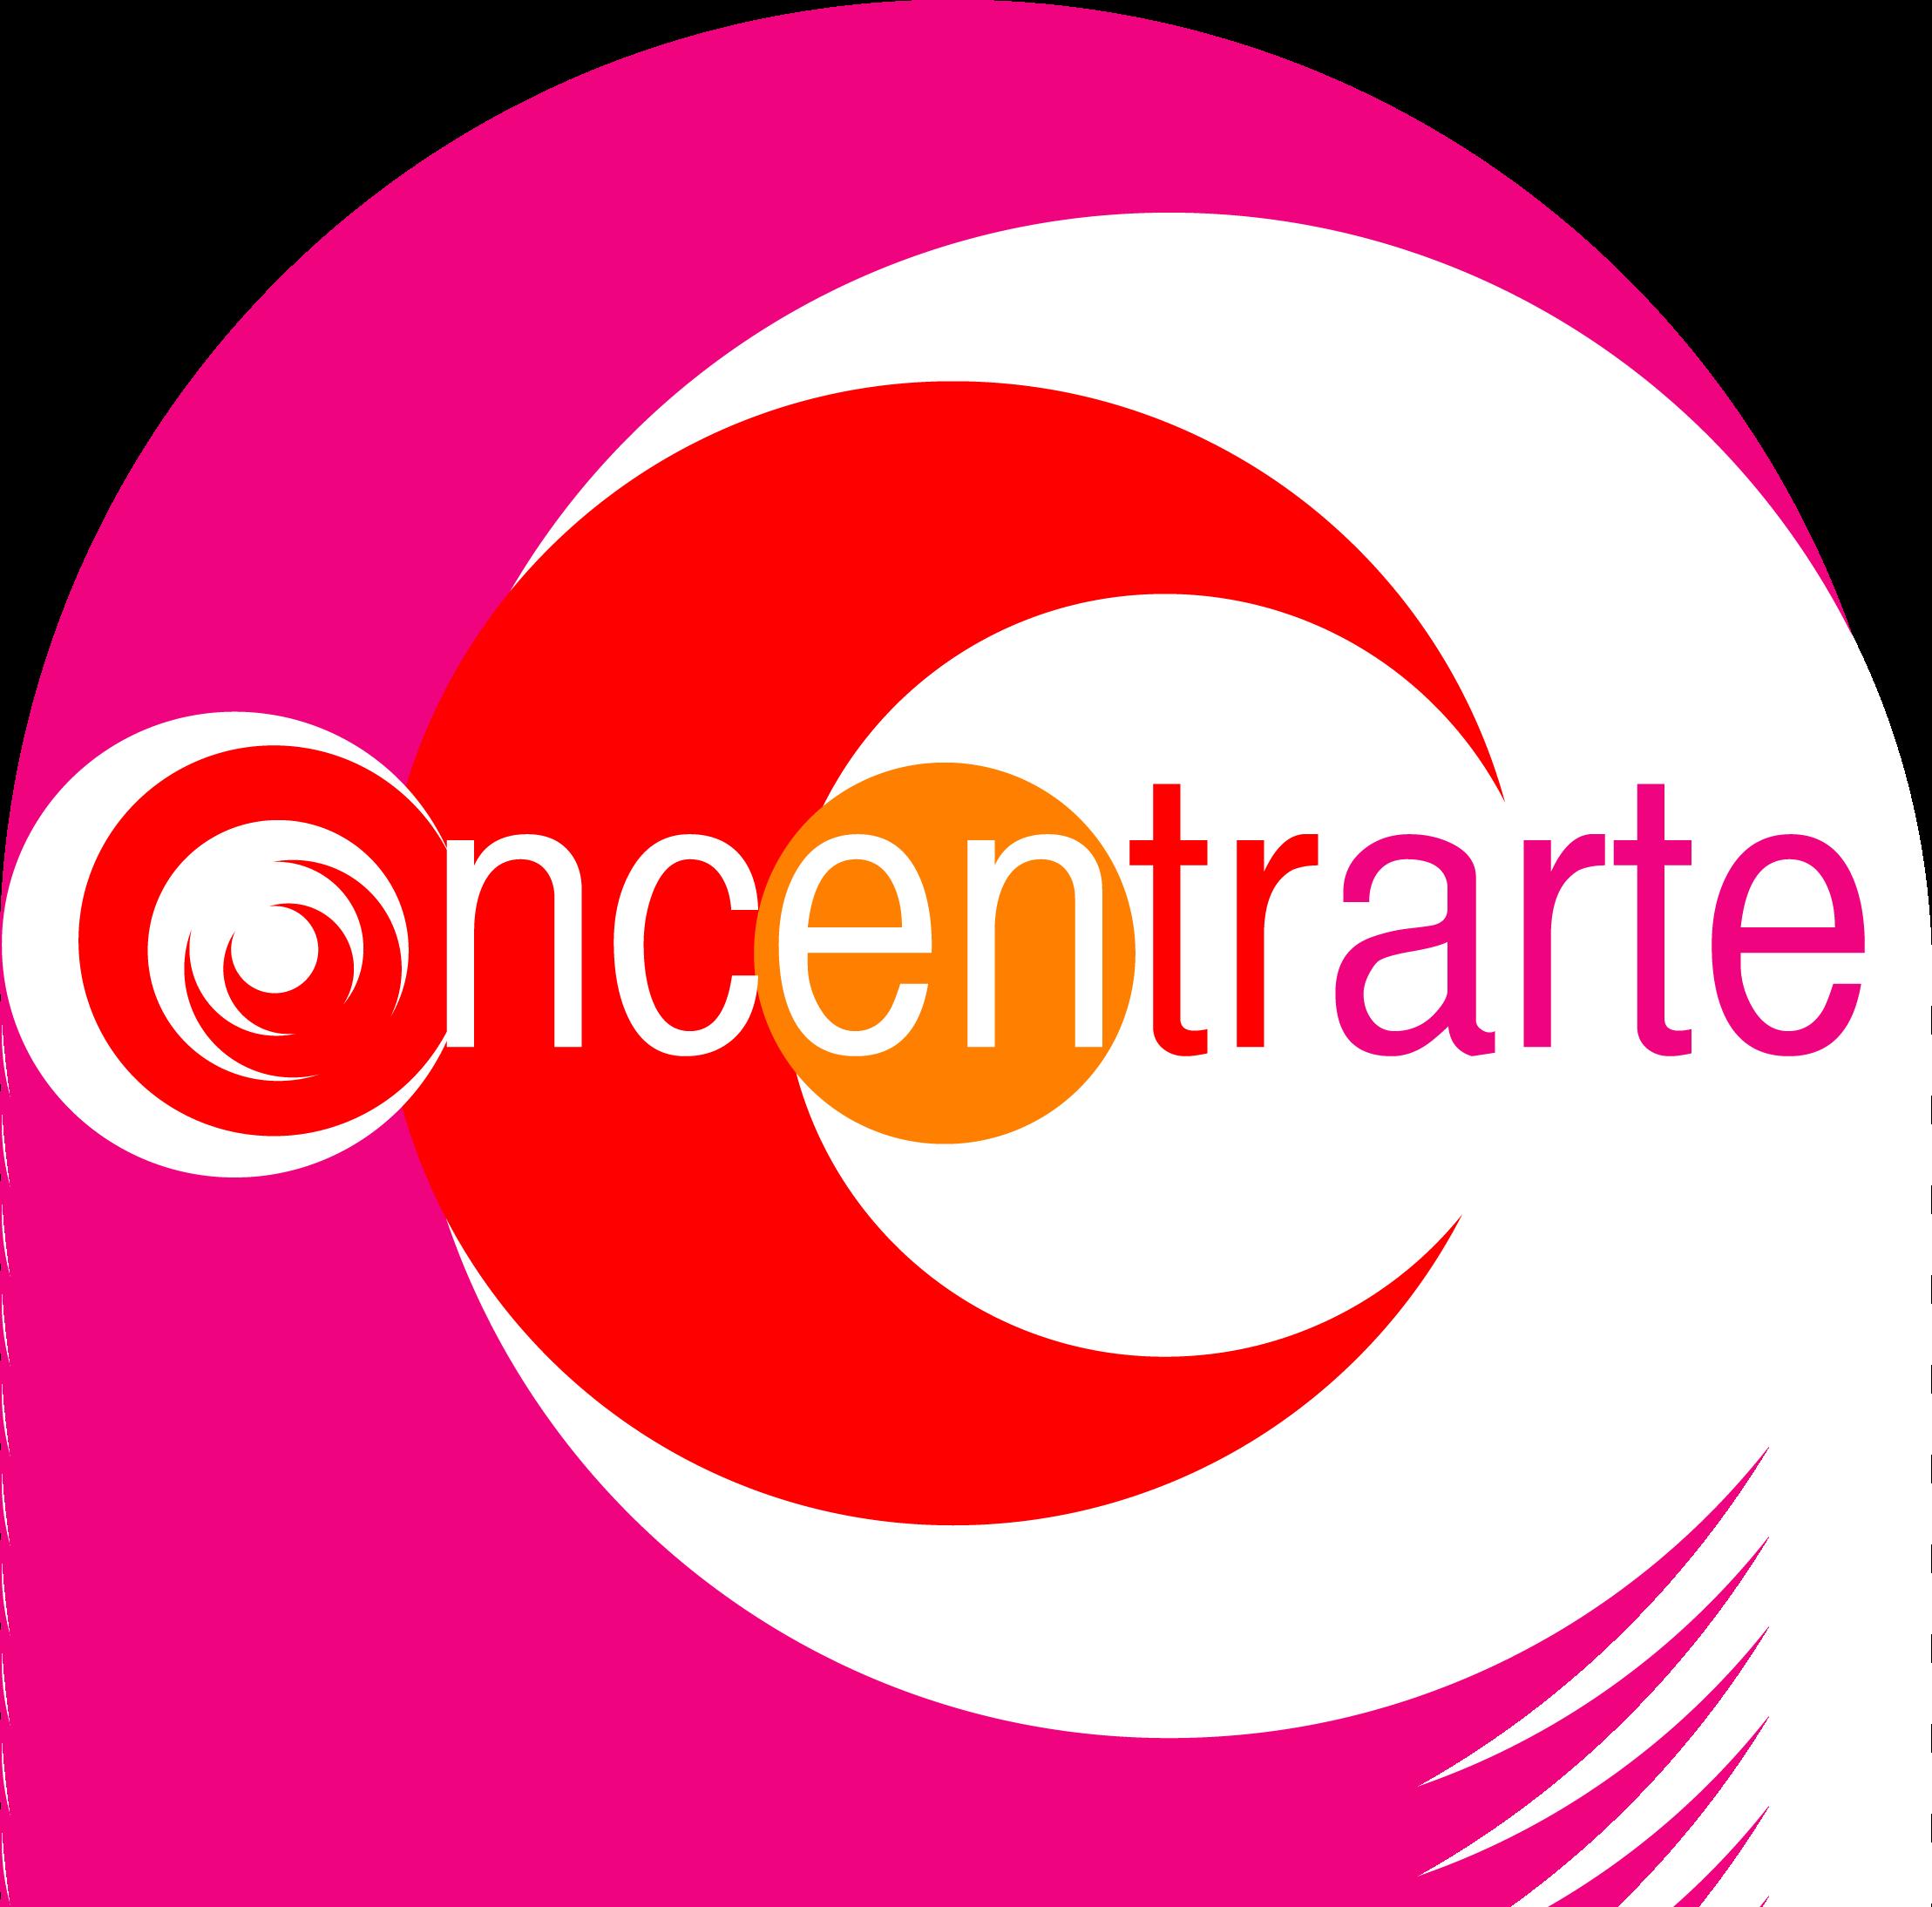 ConcentrArte